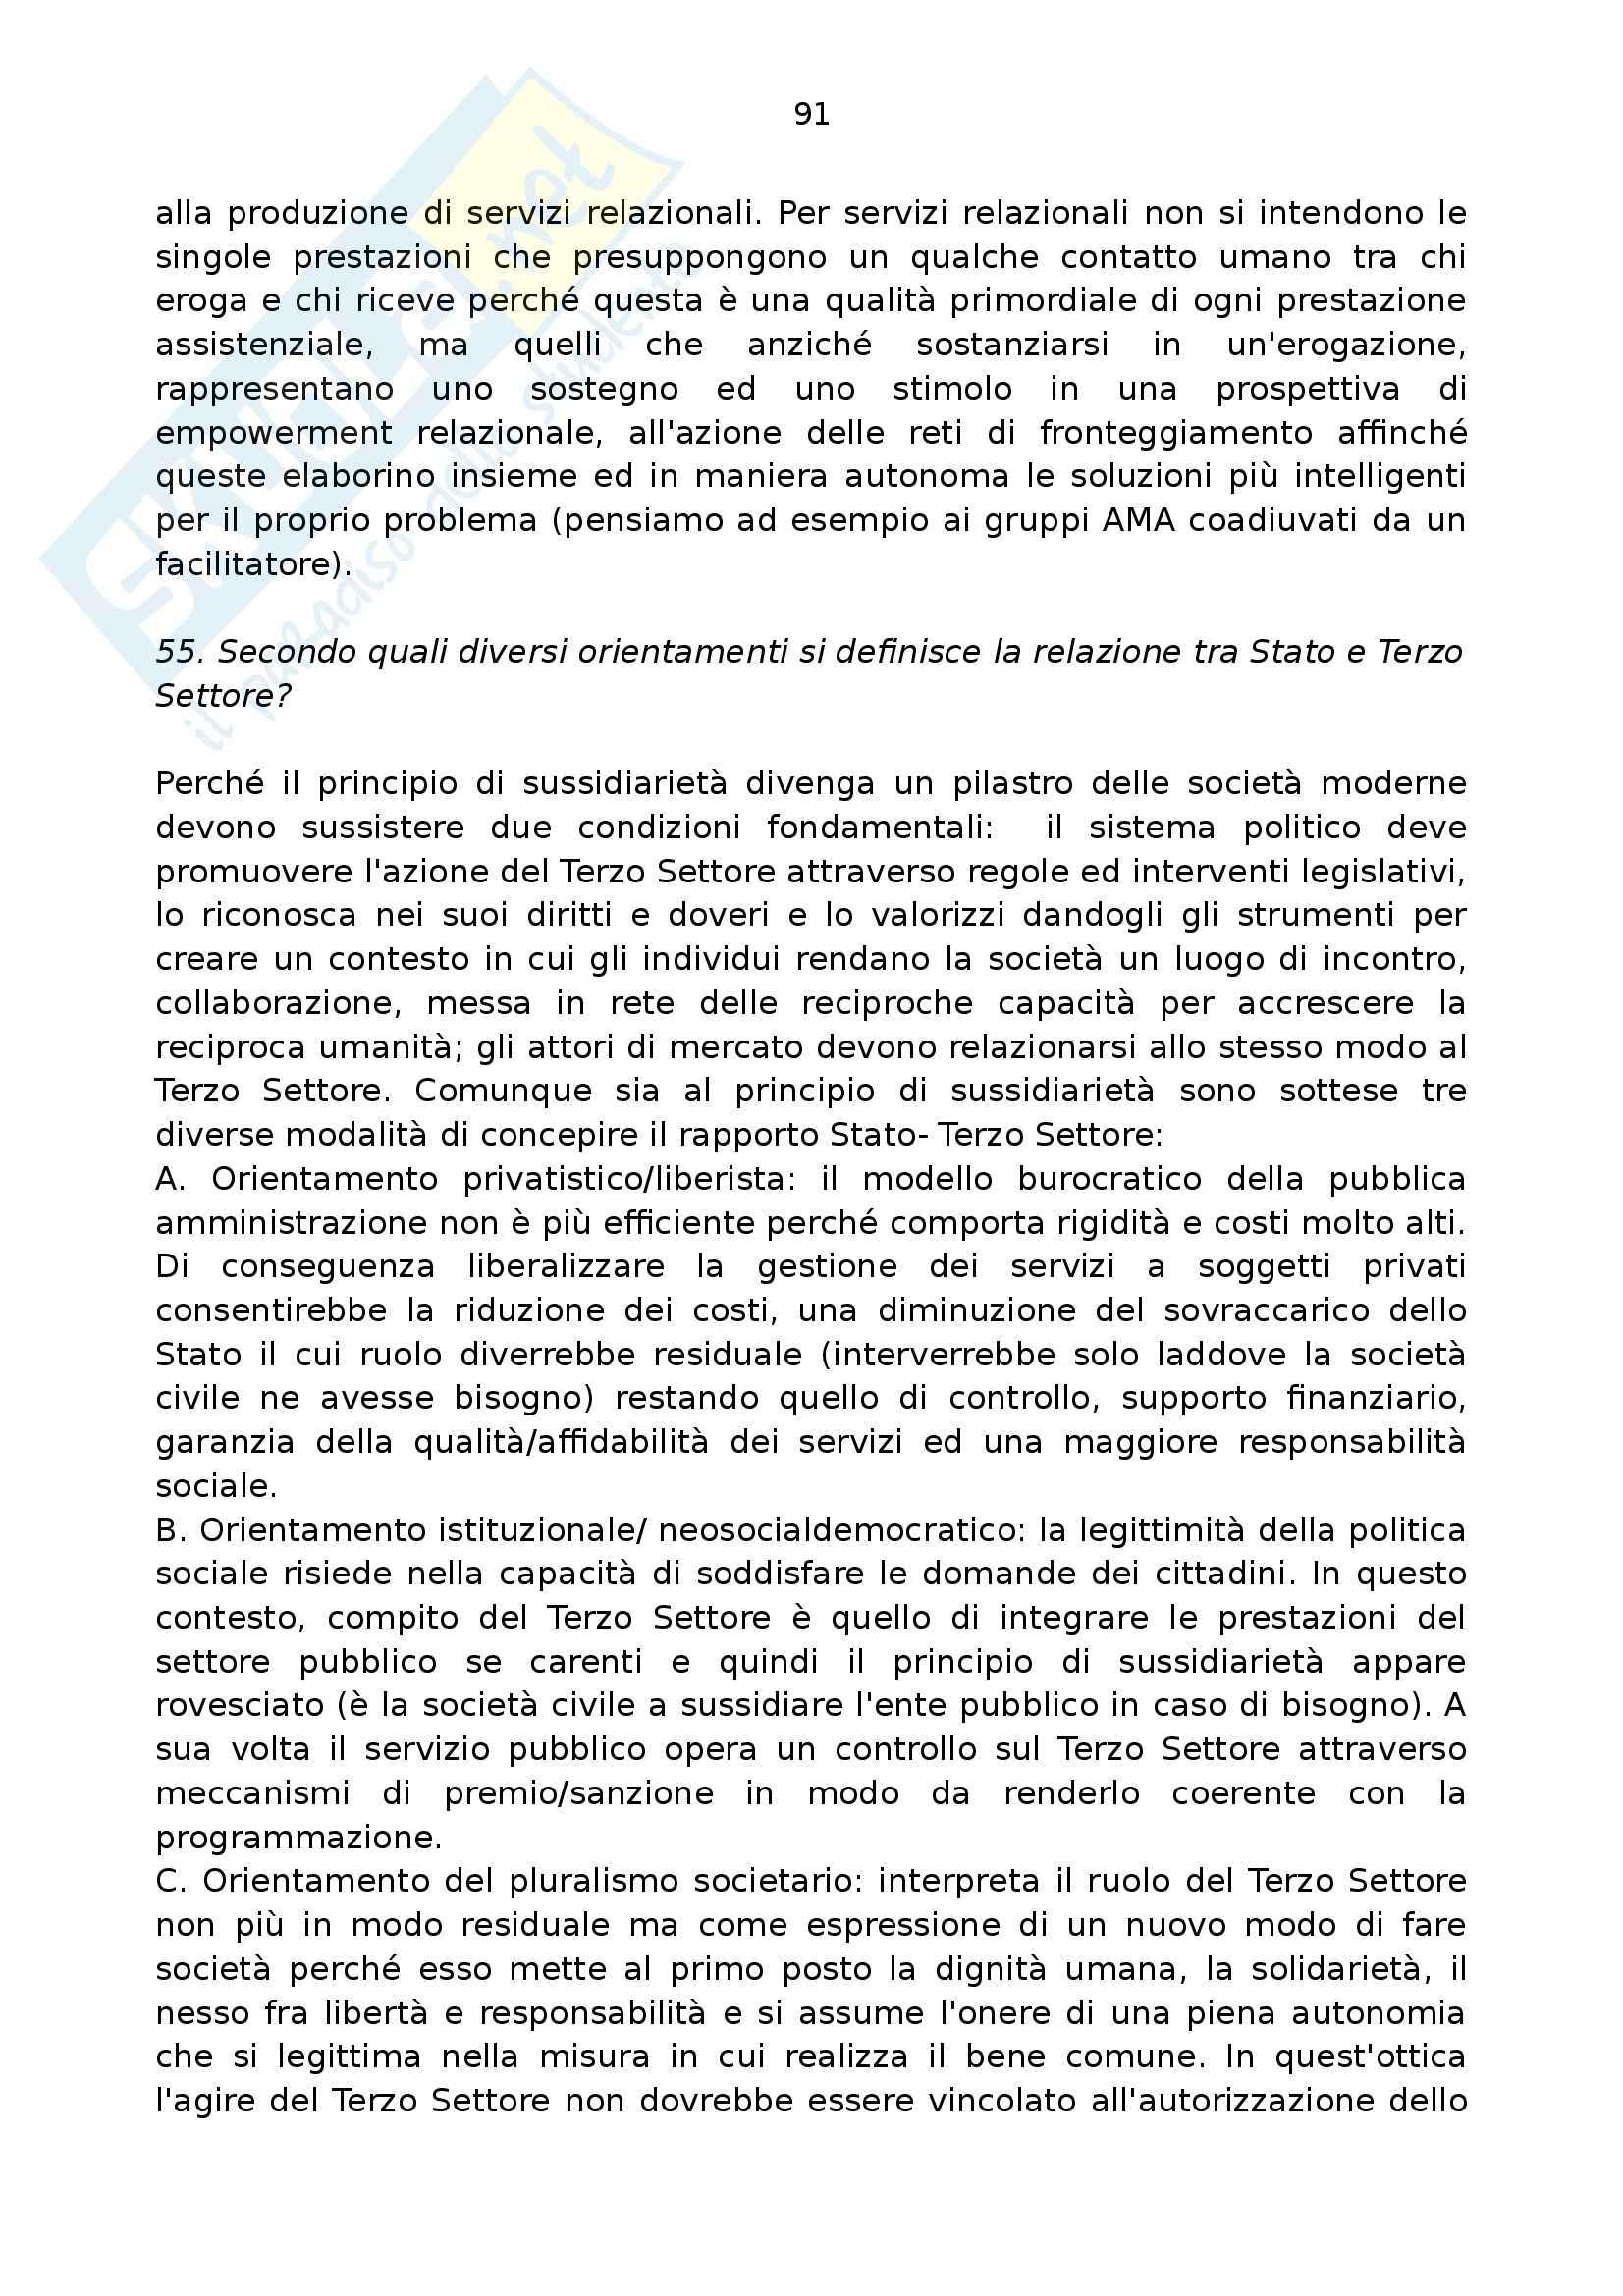 Riassunto esame per Esame di stato per assistente sociale, prof. Folgheraiter, libro consigliato Assistente sociale domanidi M. Luisa Raineri, Erikson Pag. 91